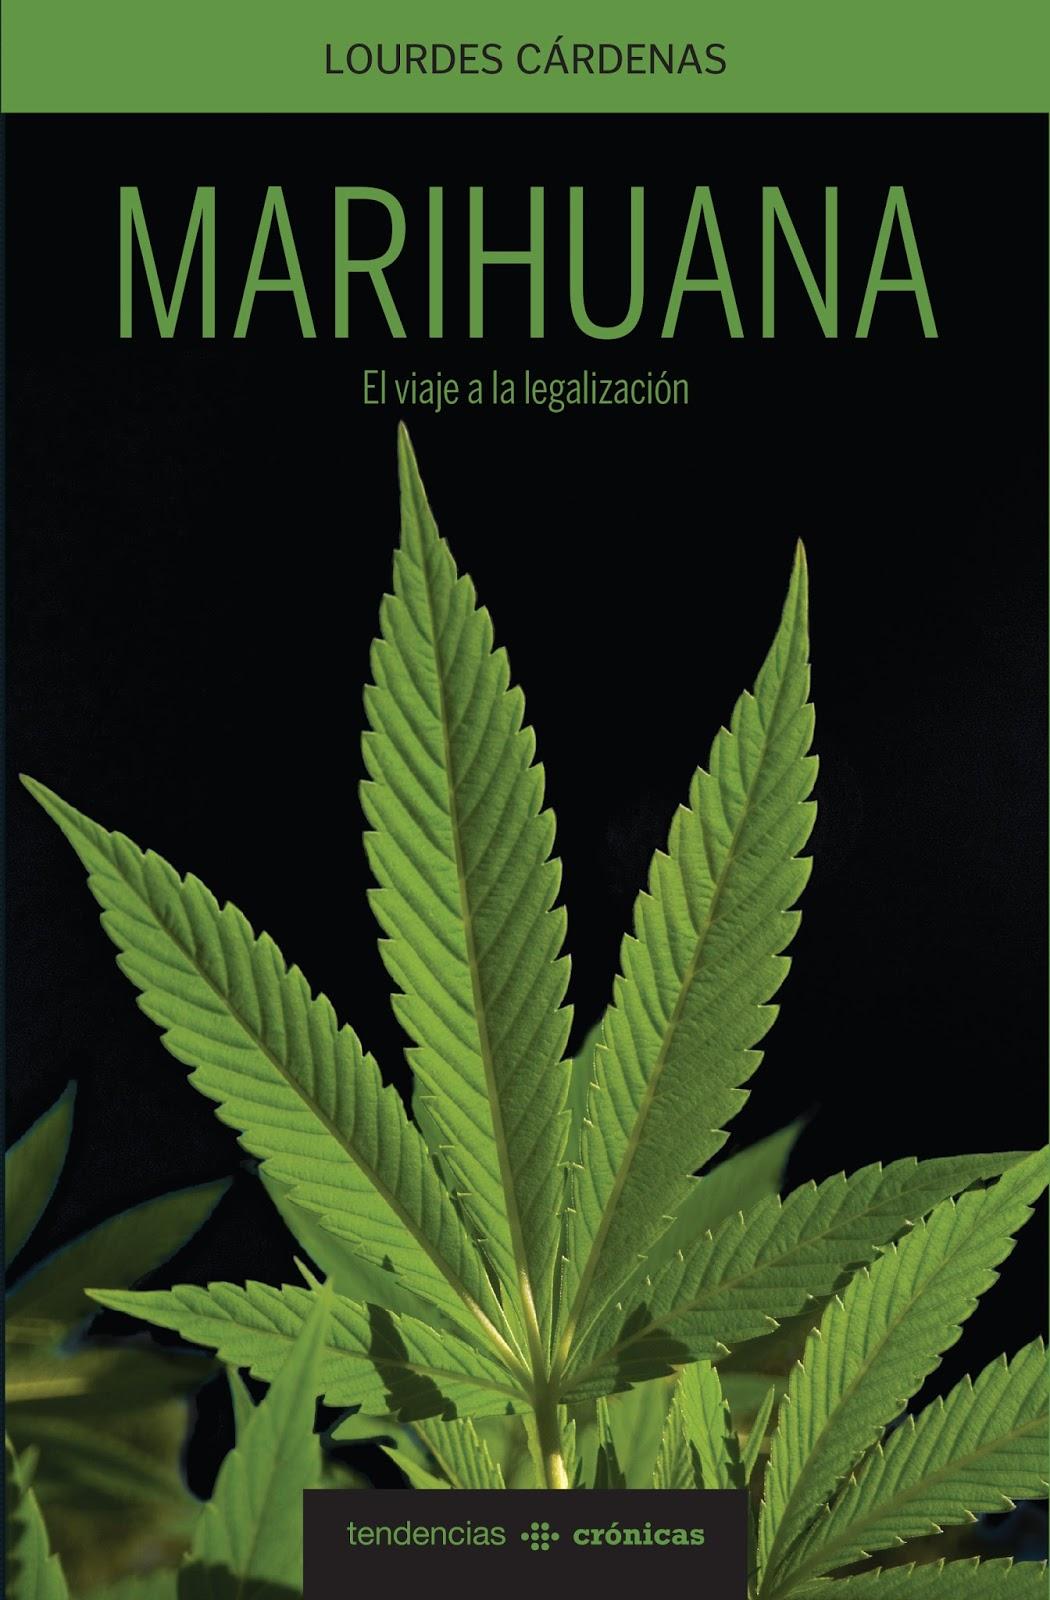 Cuál es el camino a seguir para legalizar la marihuana? | Noticias22